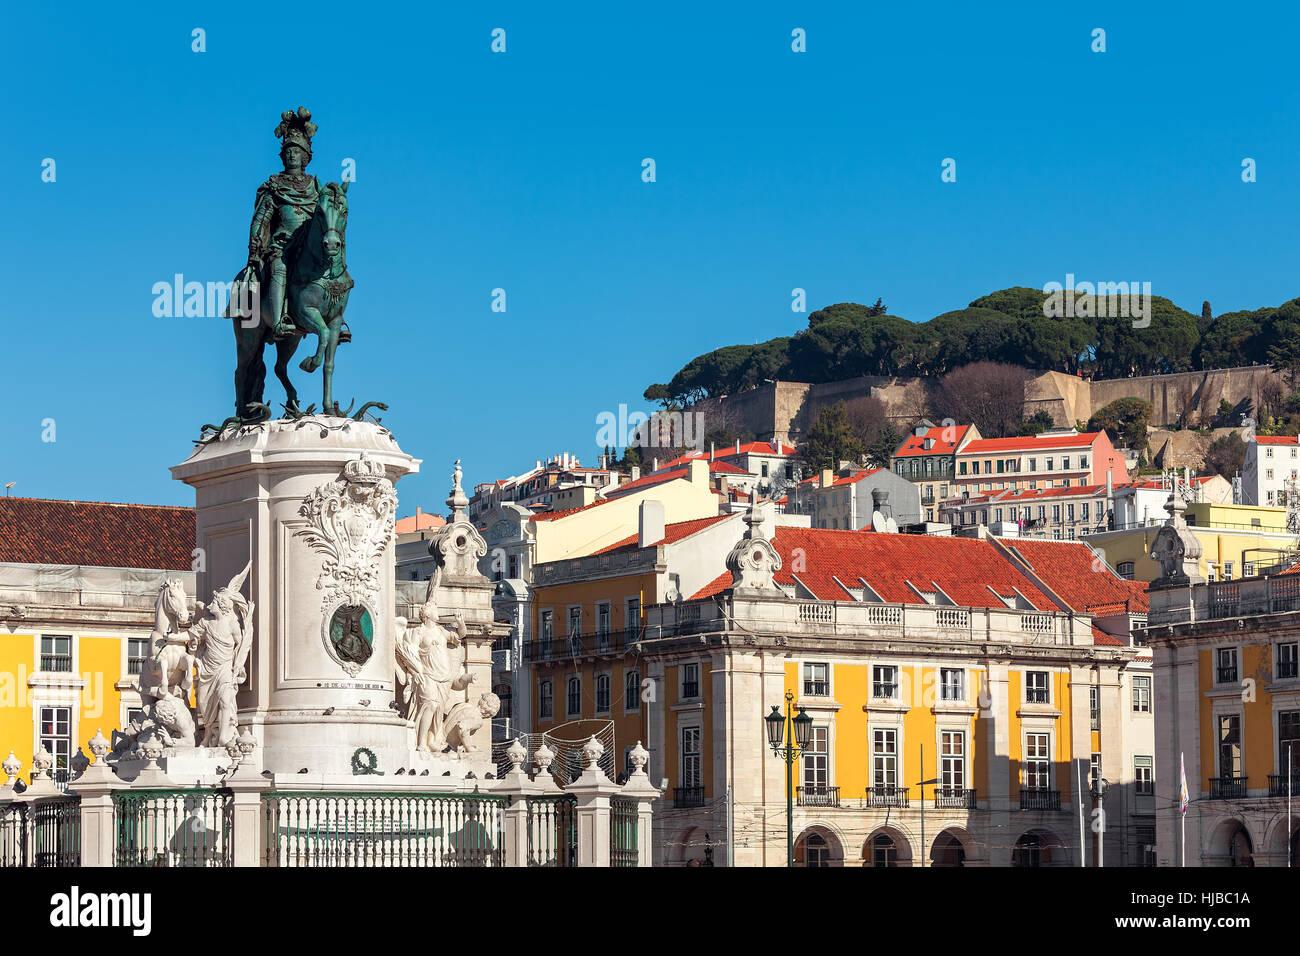 Statue en bronze du Roi Jose sur le cheval aussi vieux maisons colorées sur l'arrière-plan sous ciel Photo Stock